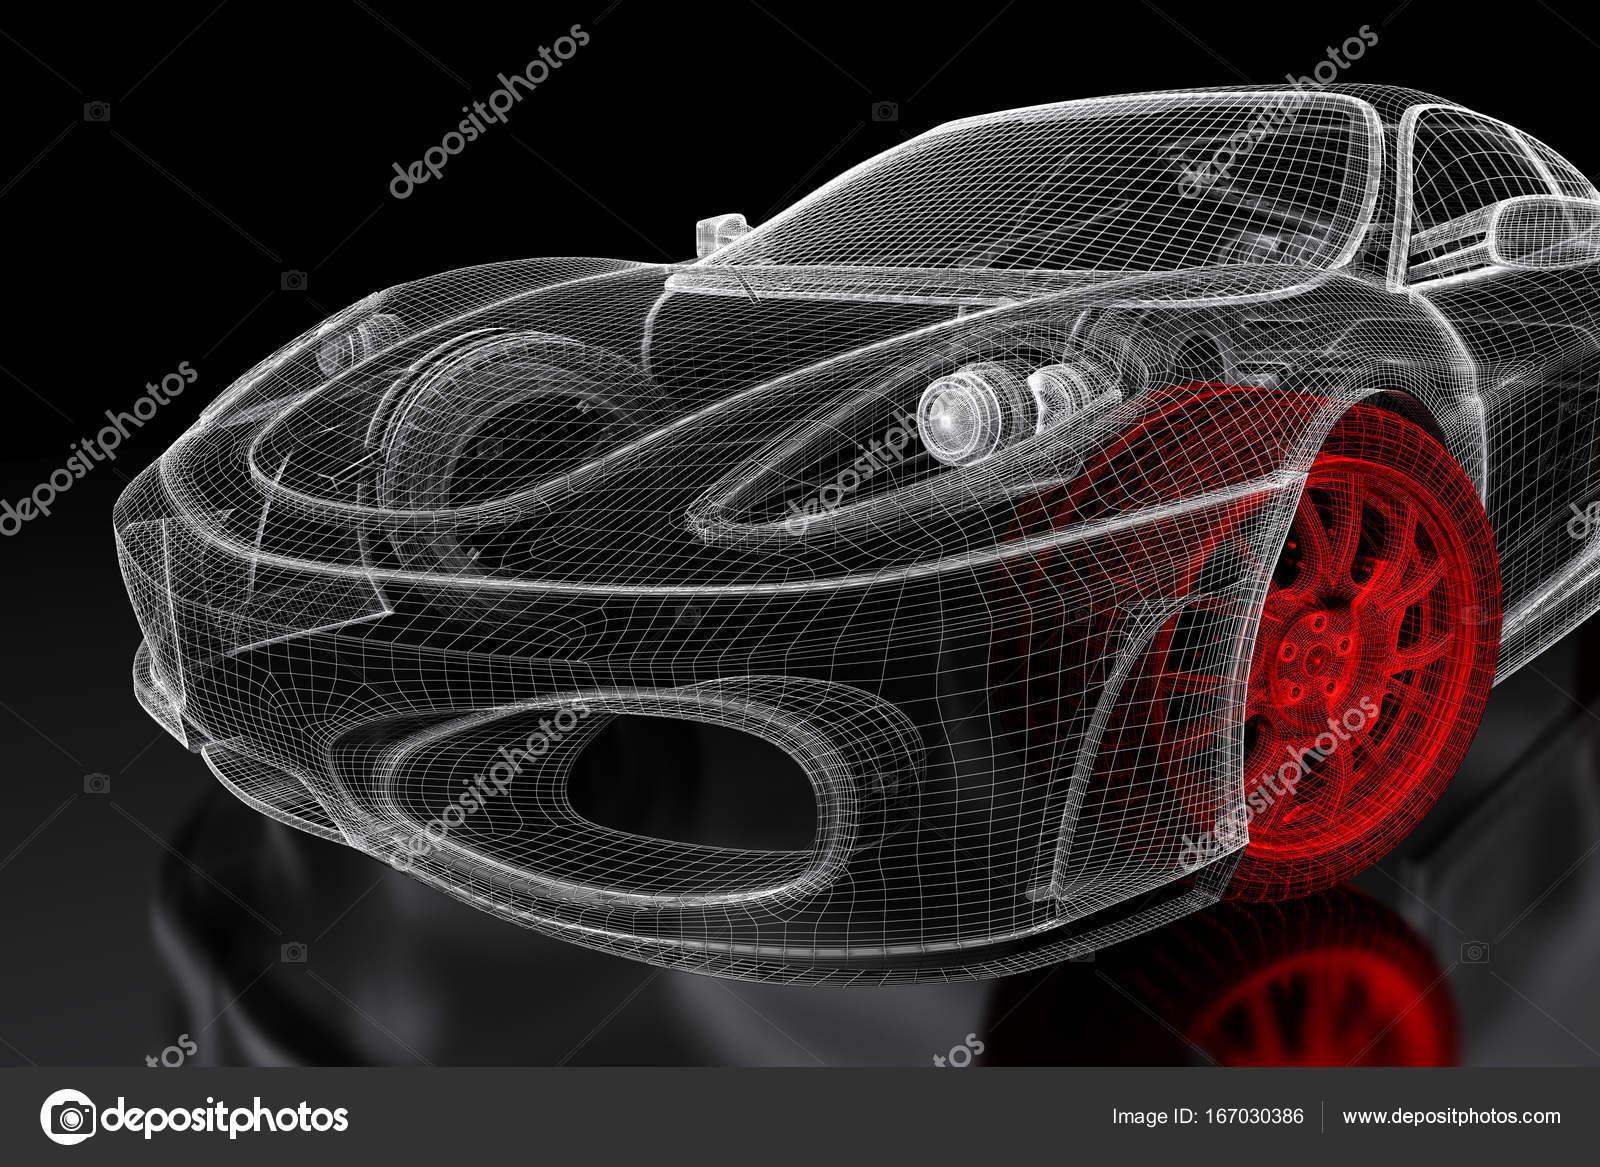 3D Auto-Netz auf einem schwarzen — Stockfoto © Shtanzman #167030386